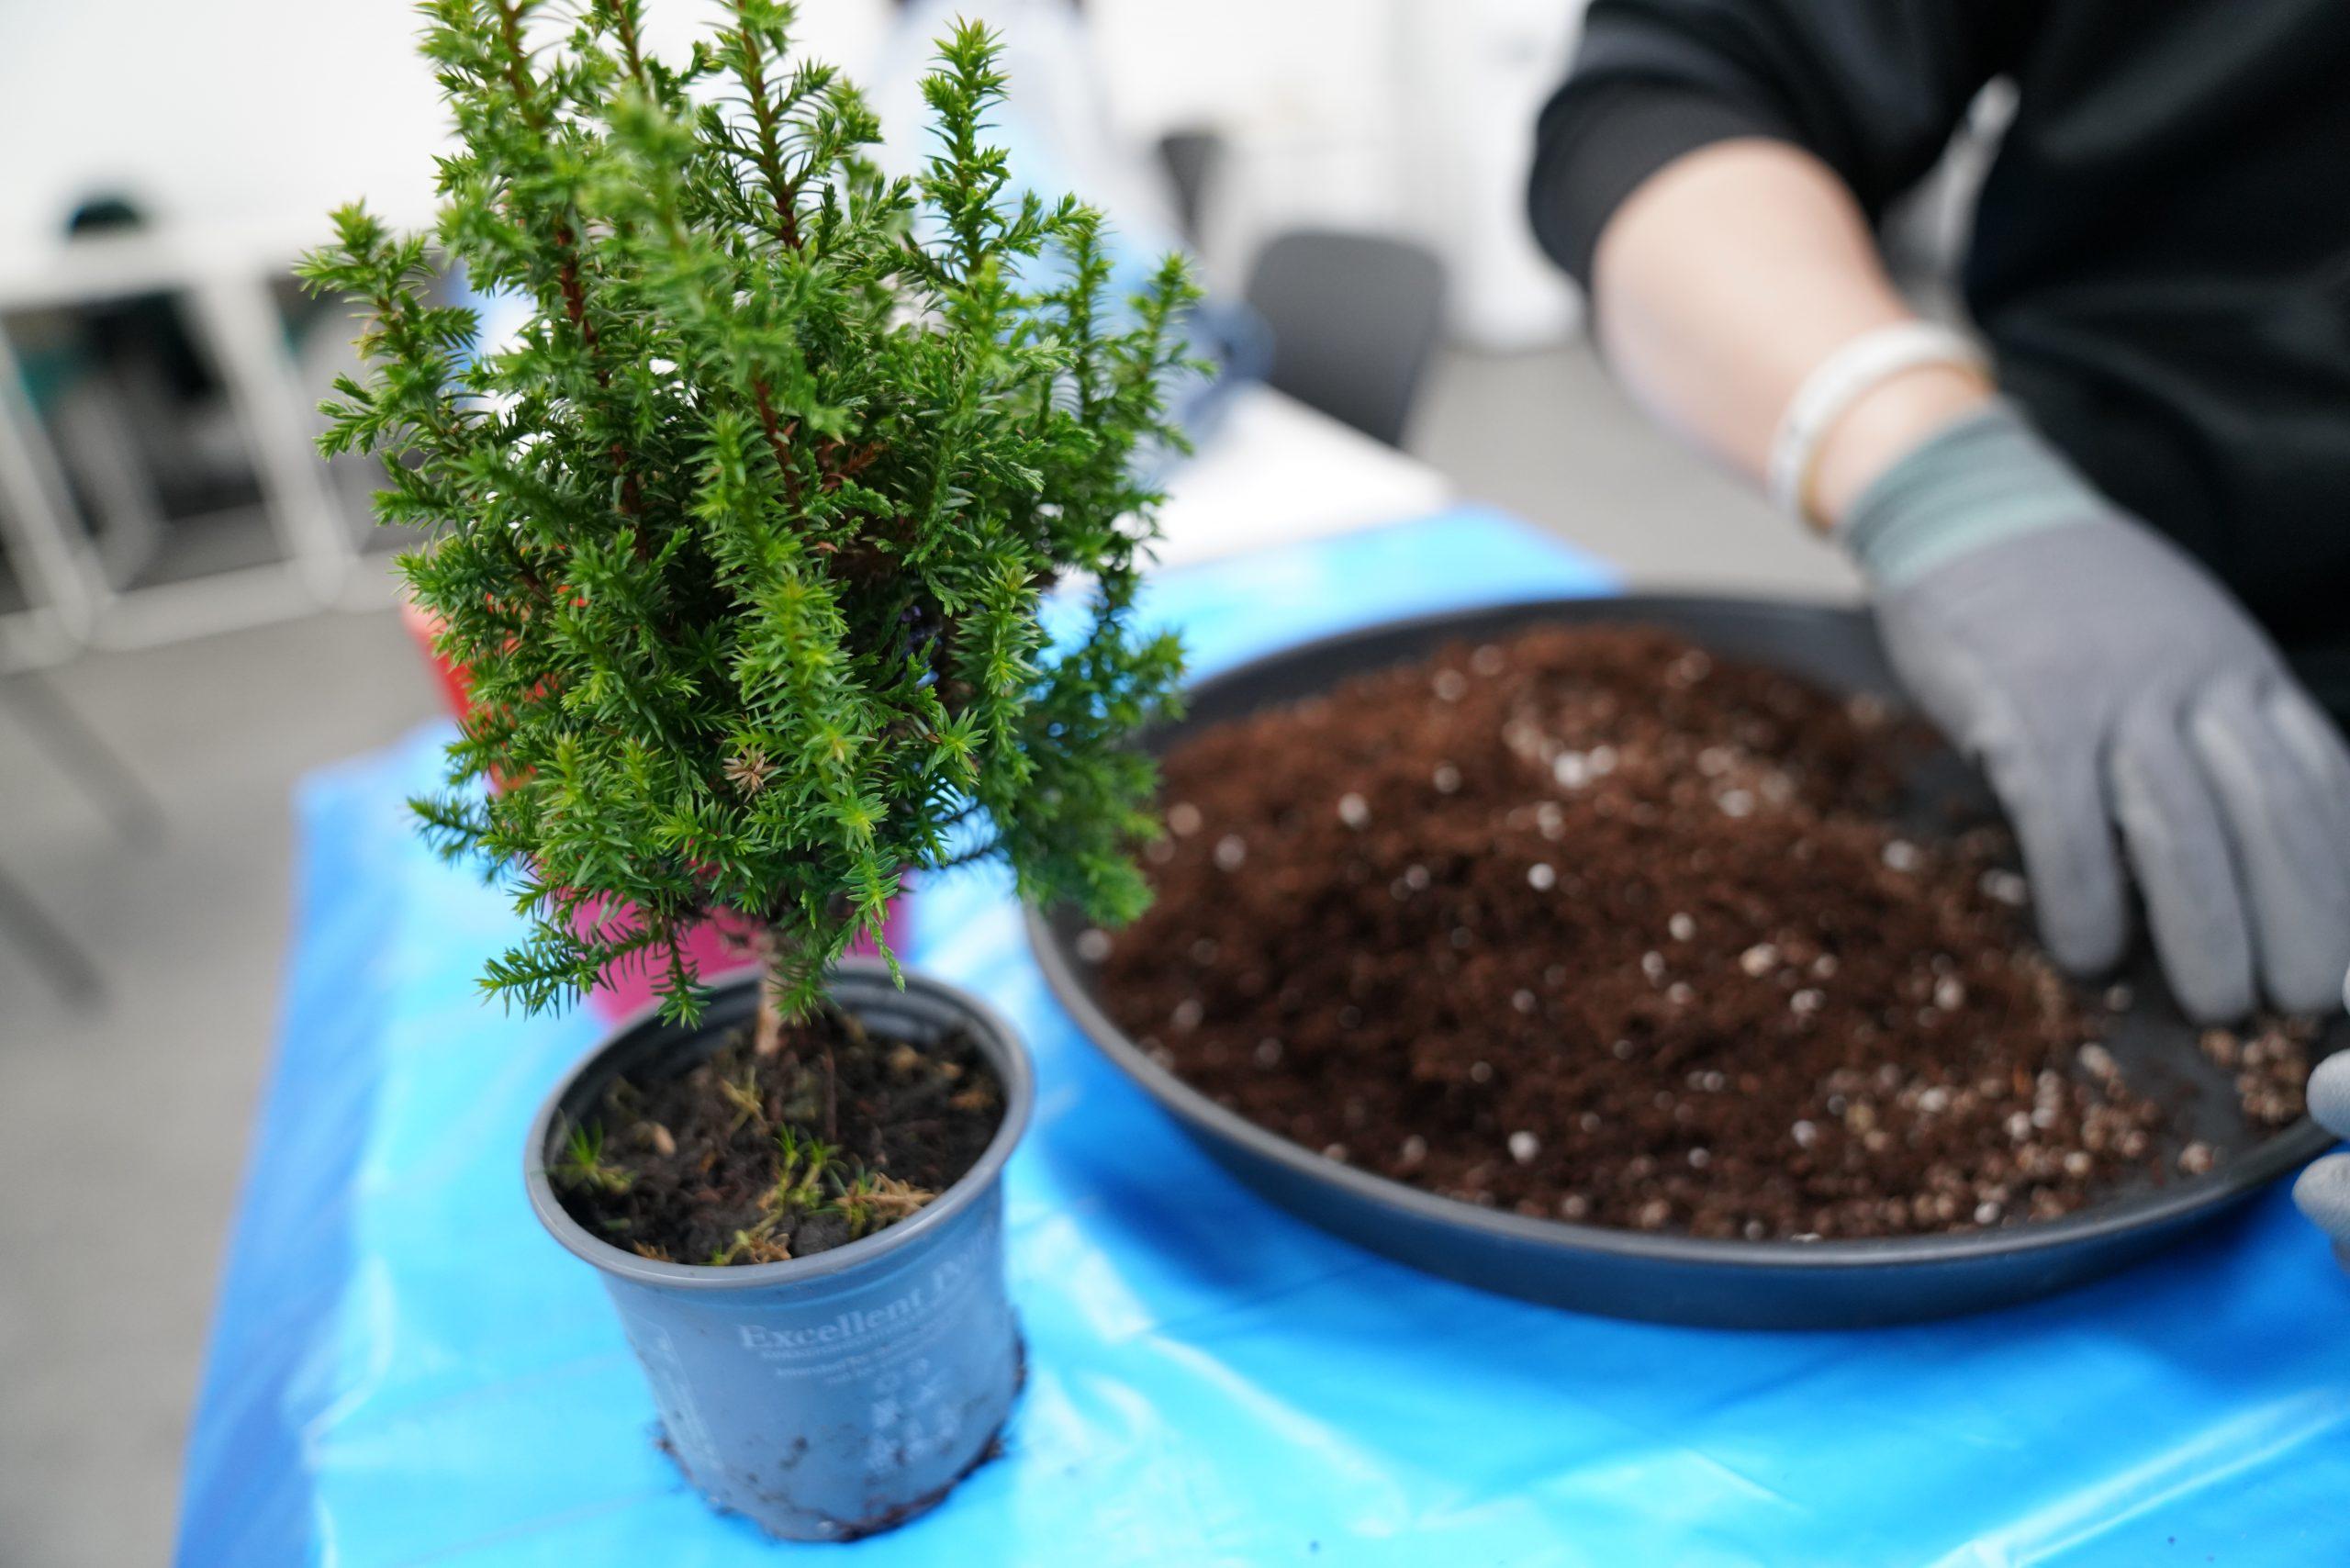 [우리함께 마실가요] 햇살정원과 함께하는 반려식물 오프라인 행사 후기